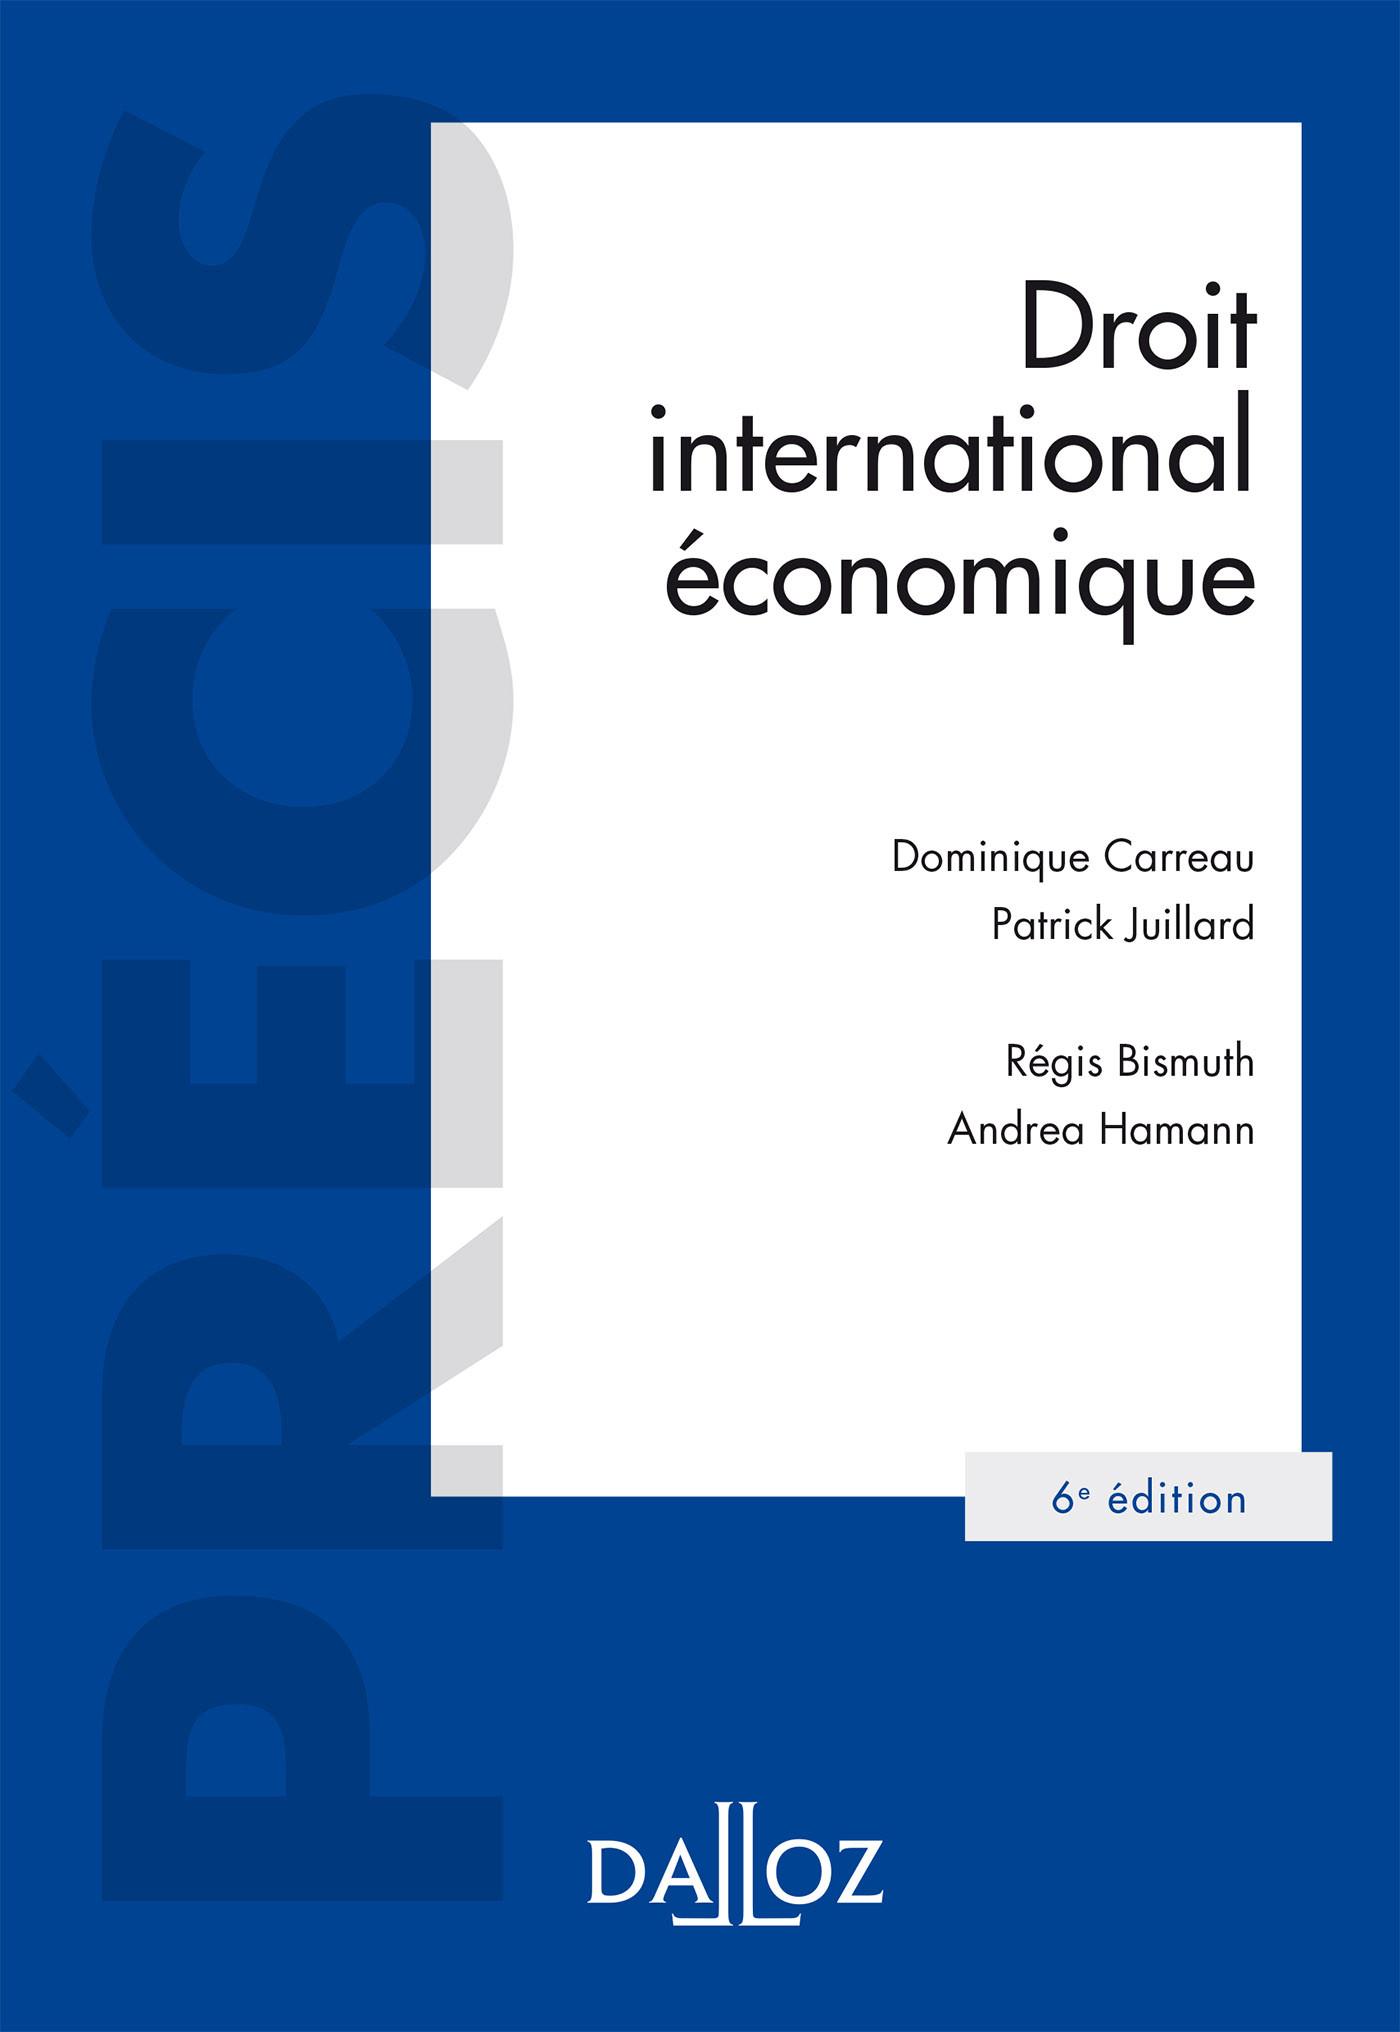 Droit international économique